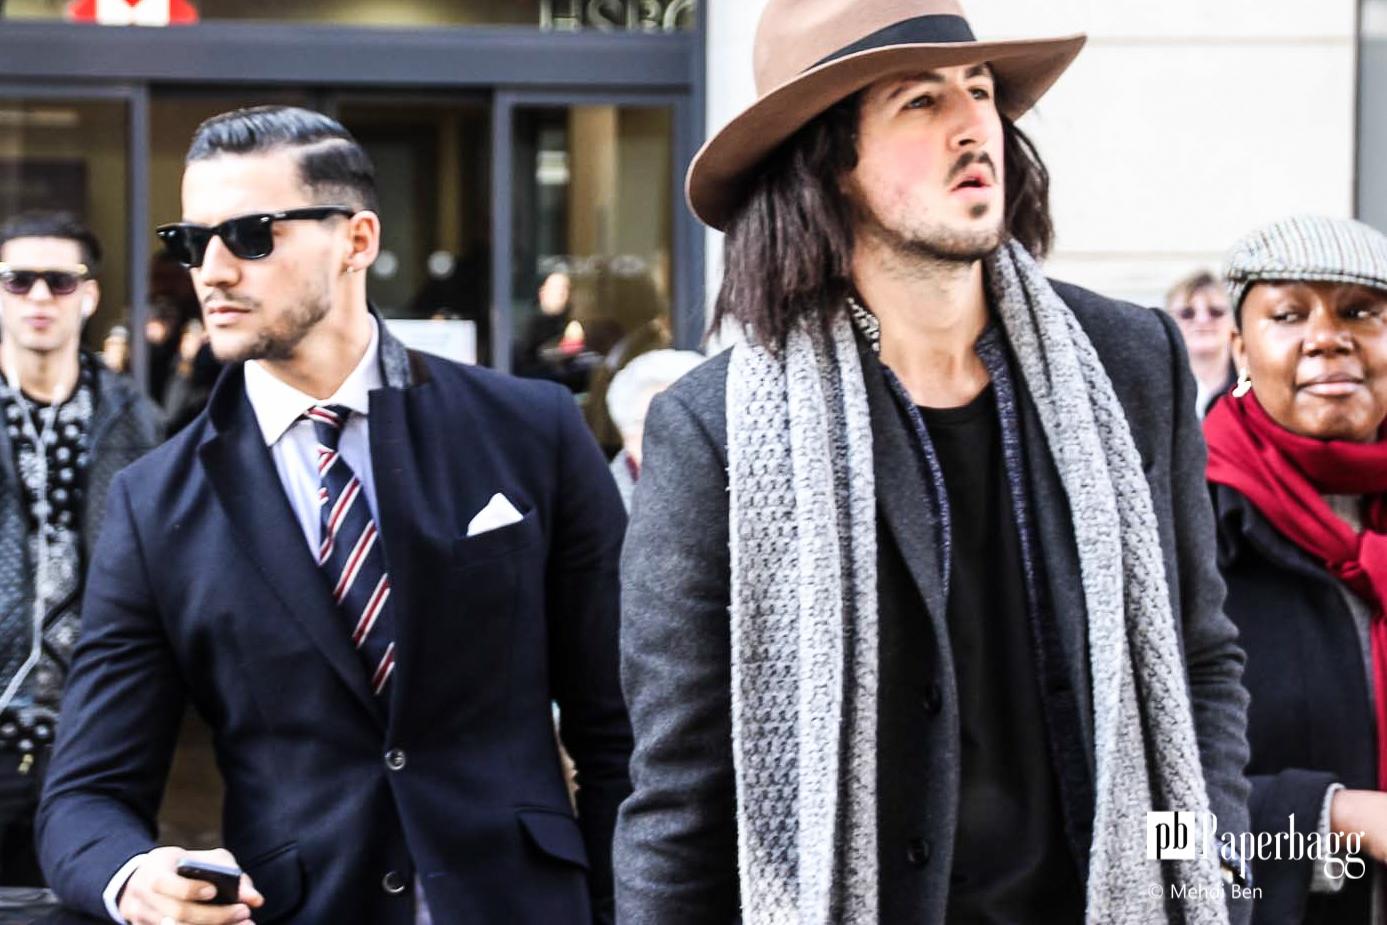 Messieurs, voici comment porter votre écharpe!